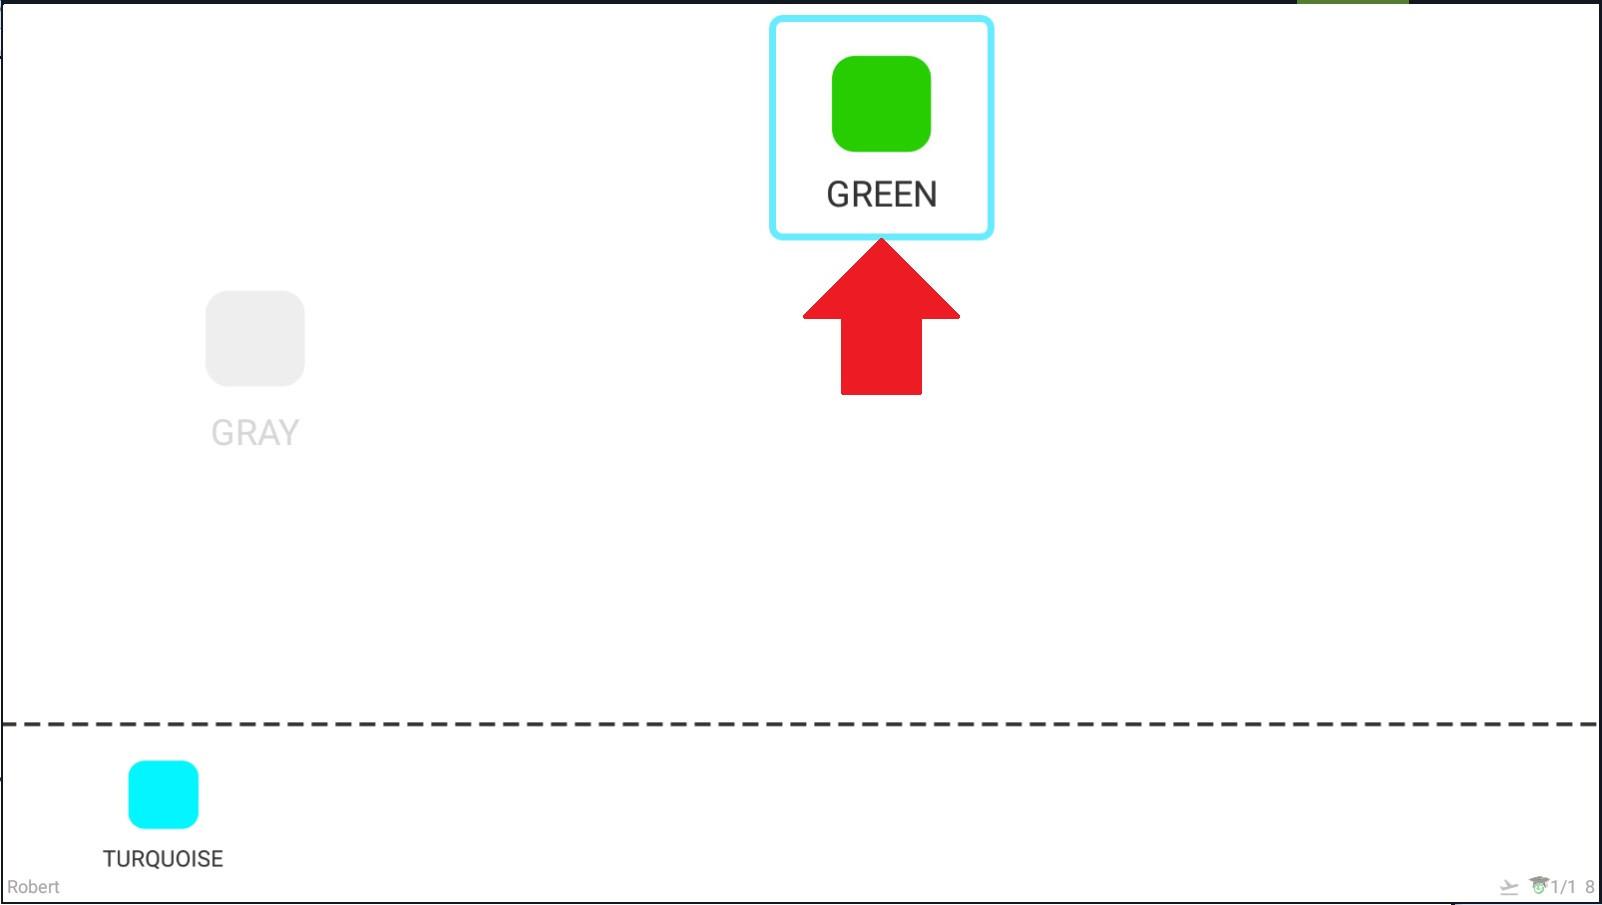 Krok 11 - takto program zobrazuje správnu odpoveď